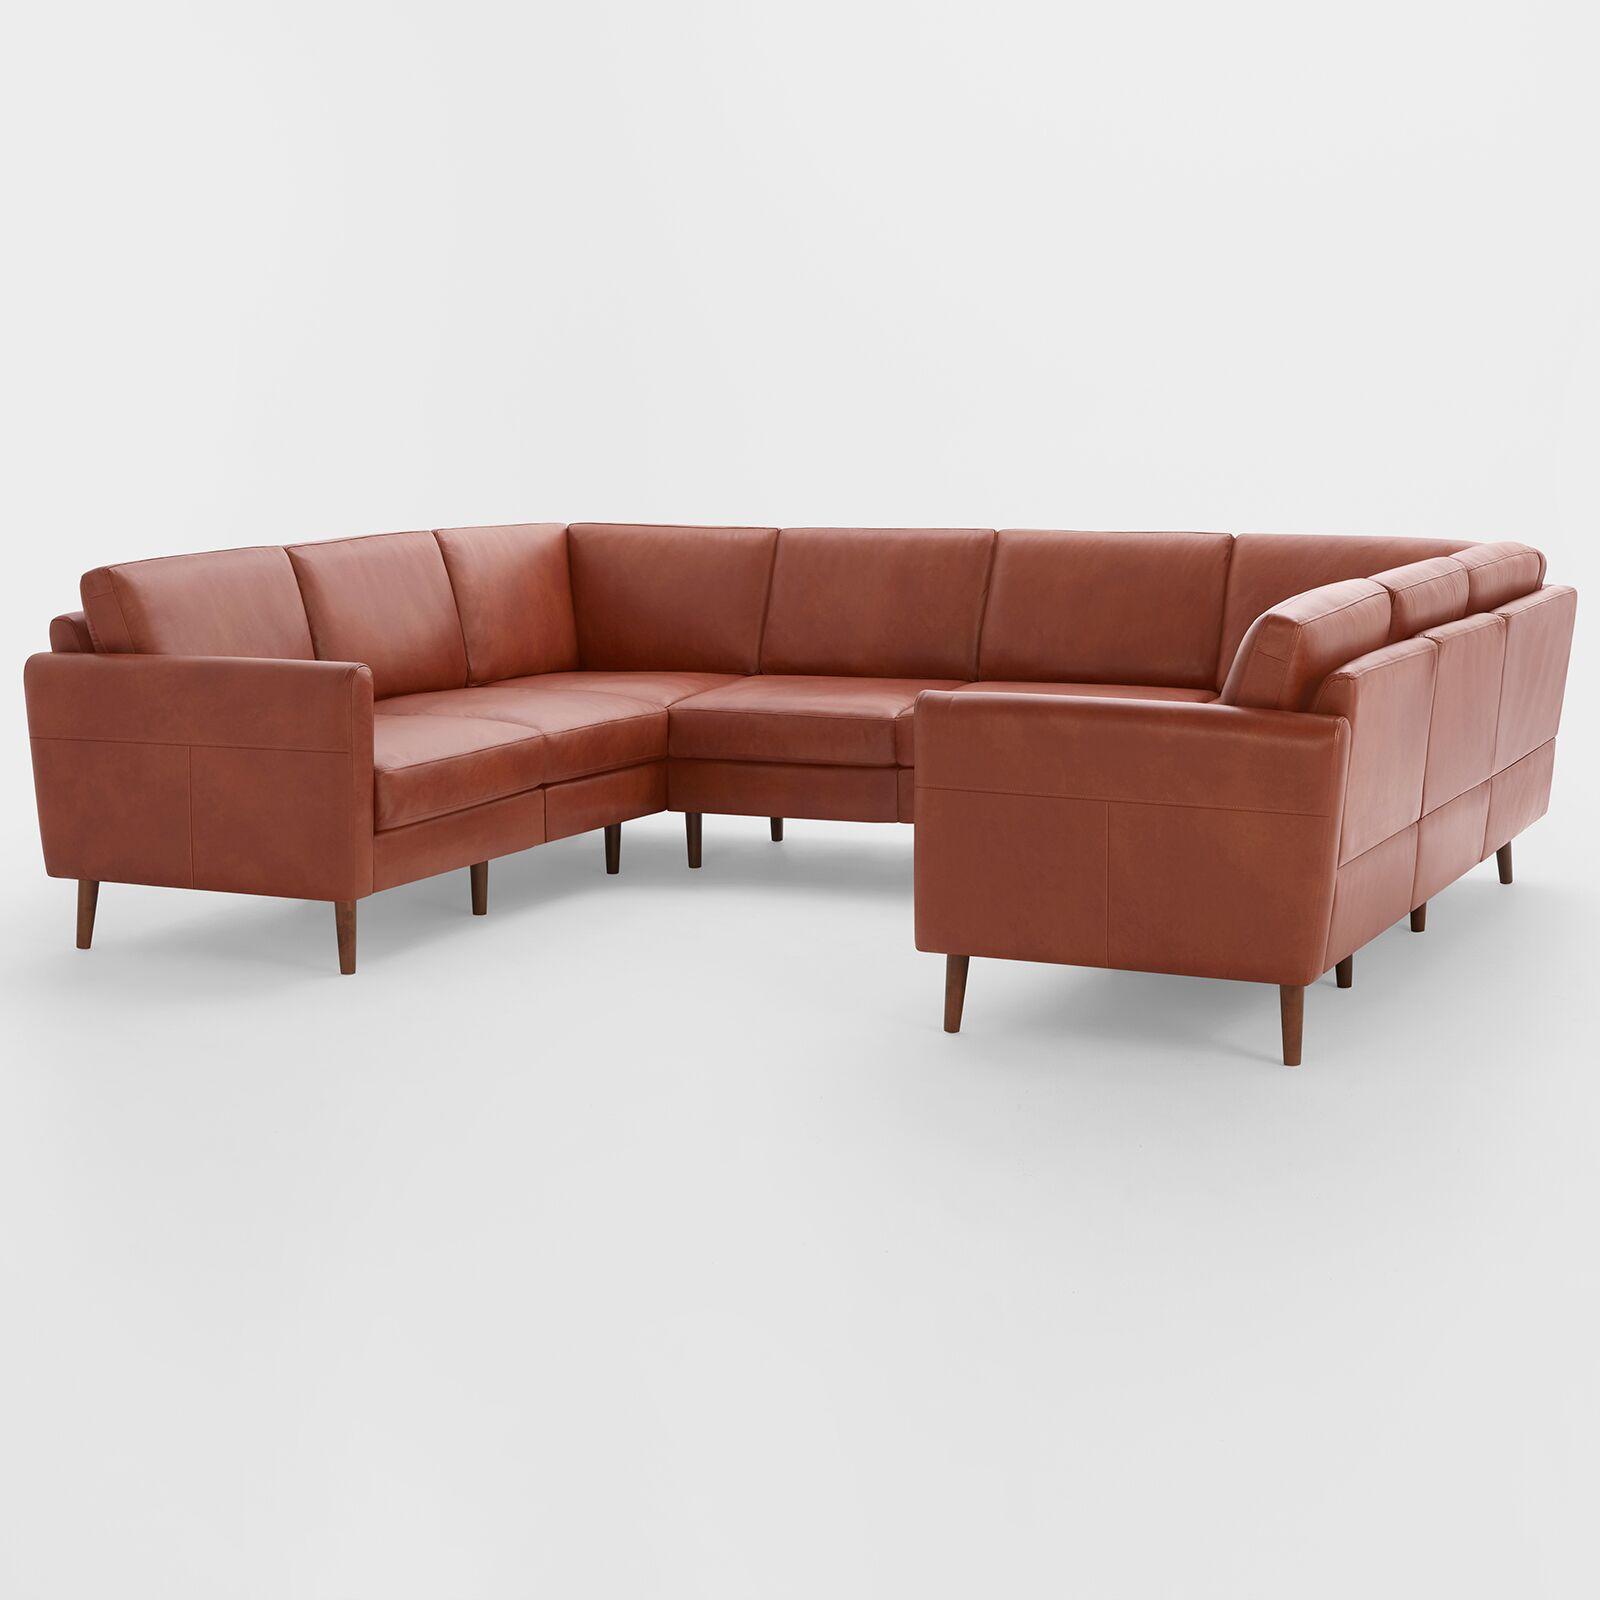 sofá seccional en forma de U